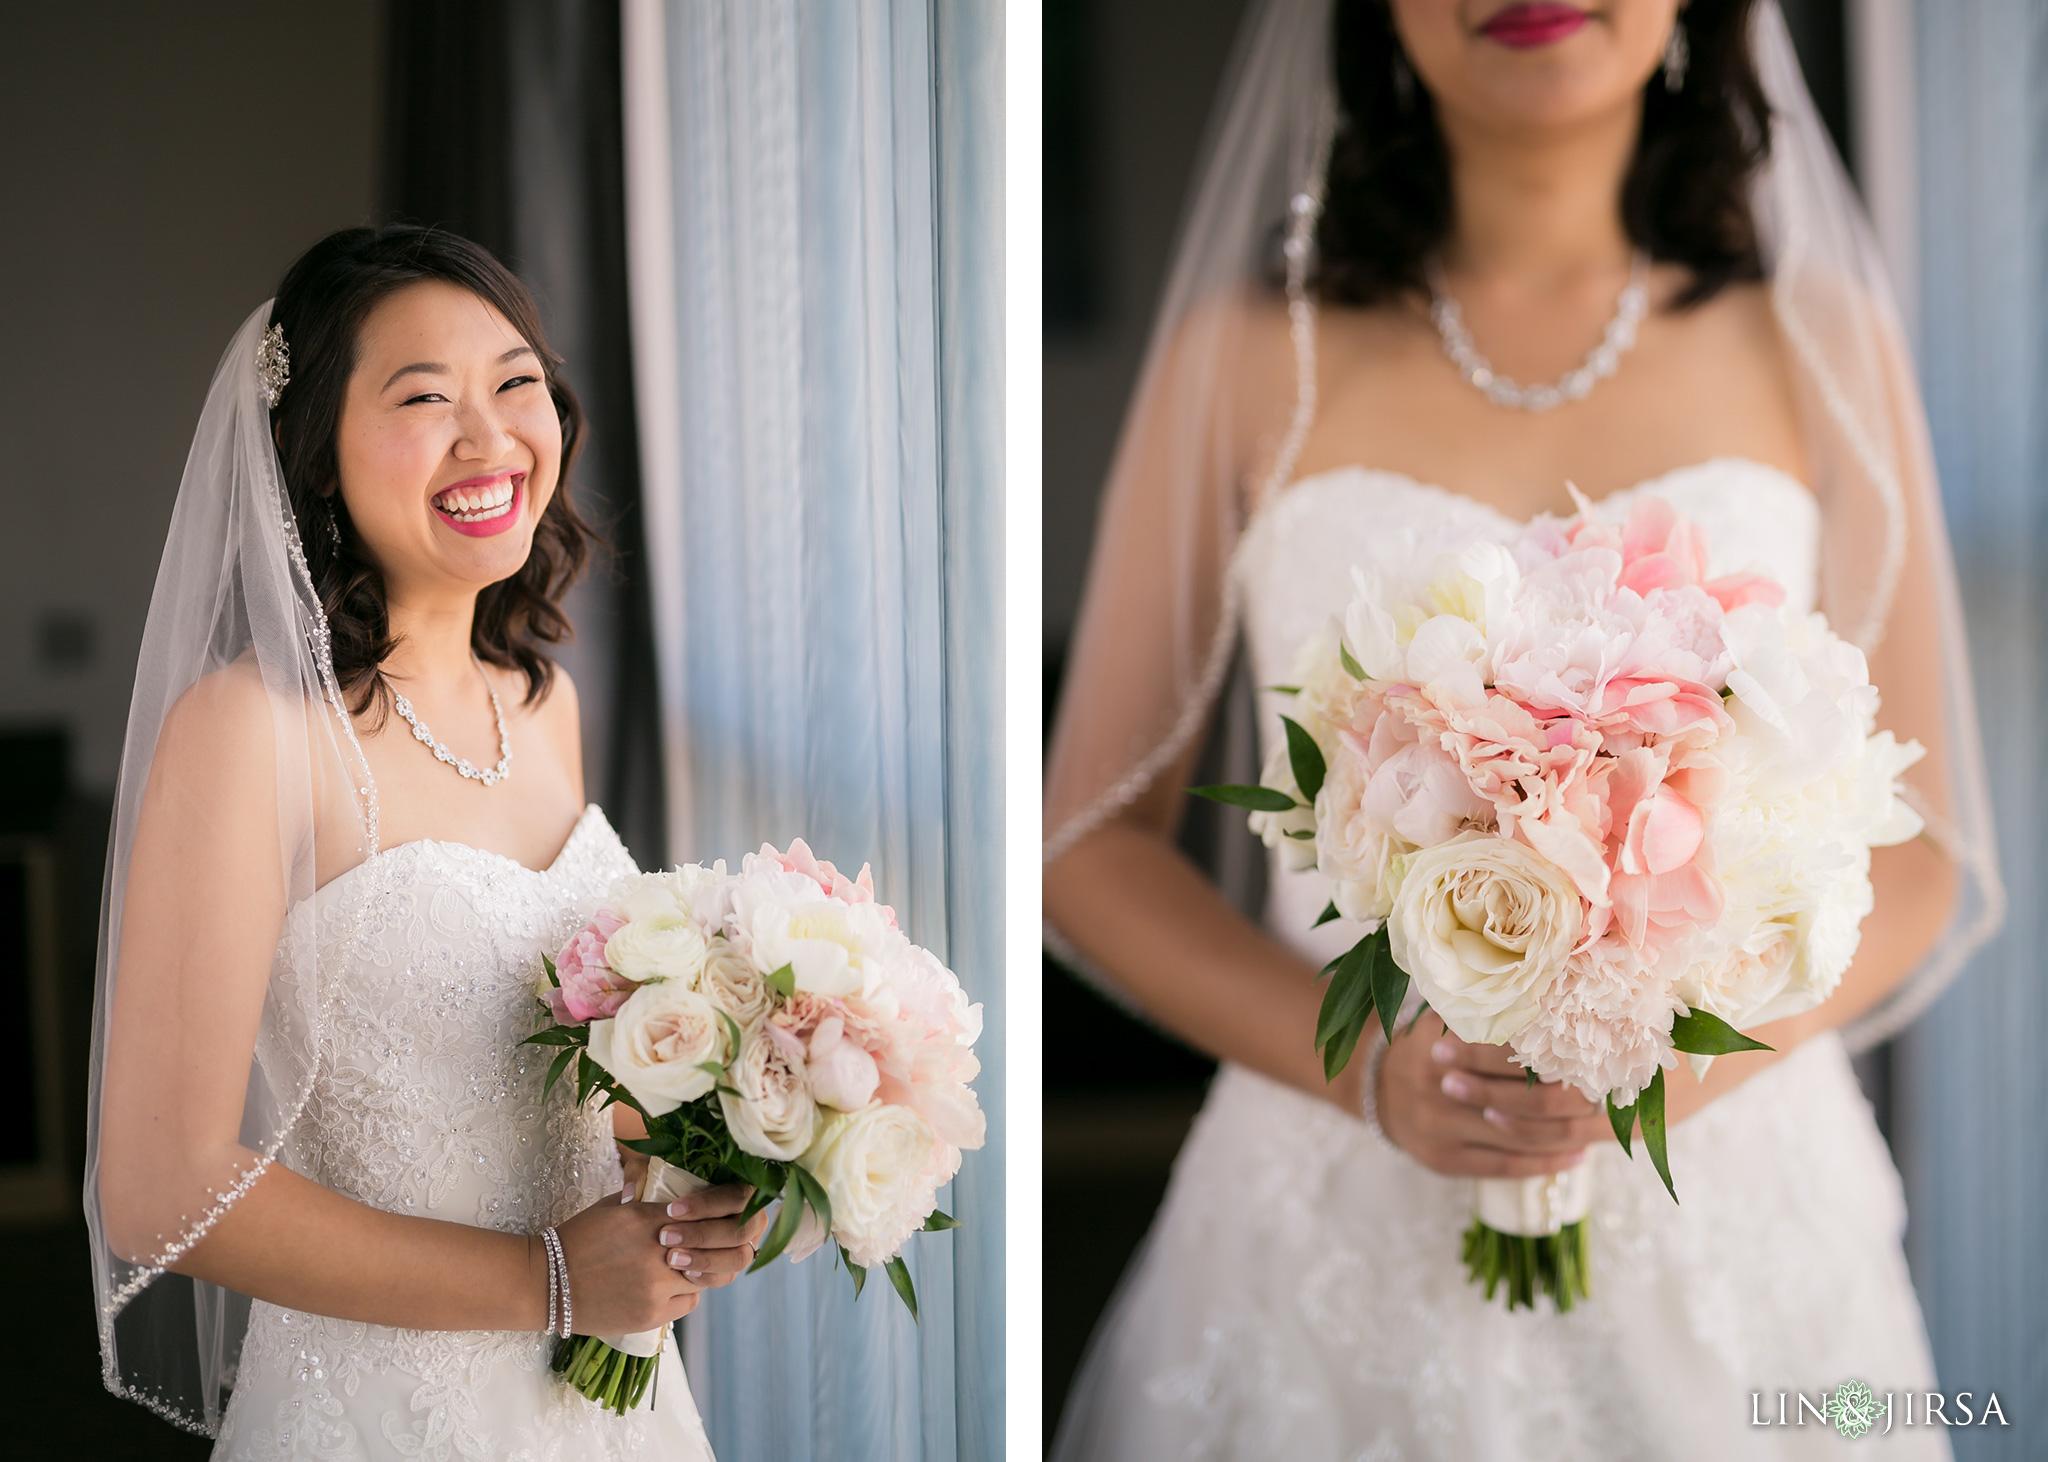 06-richard-nixon-libary-wedding-photography